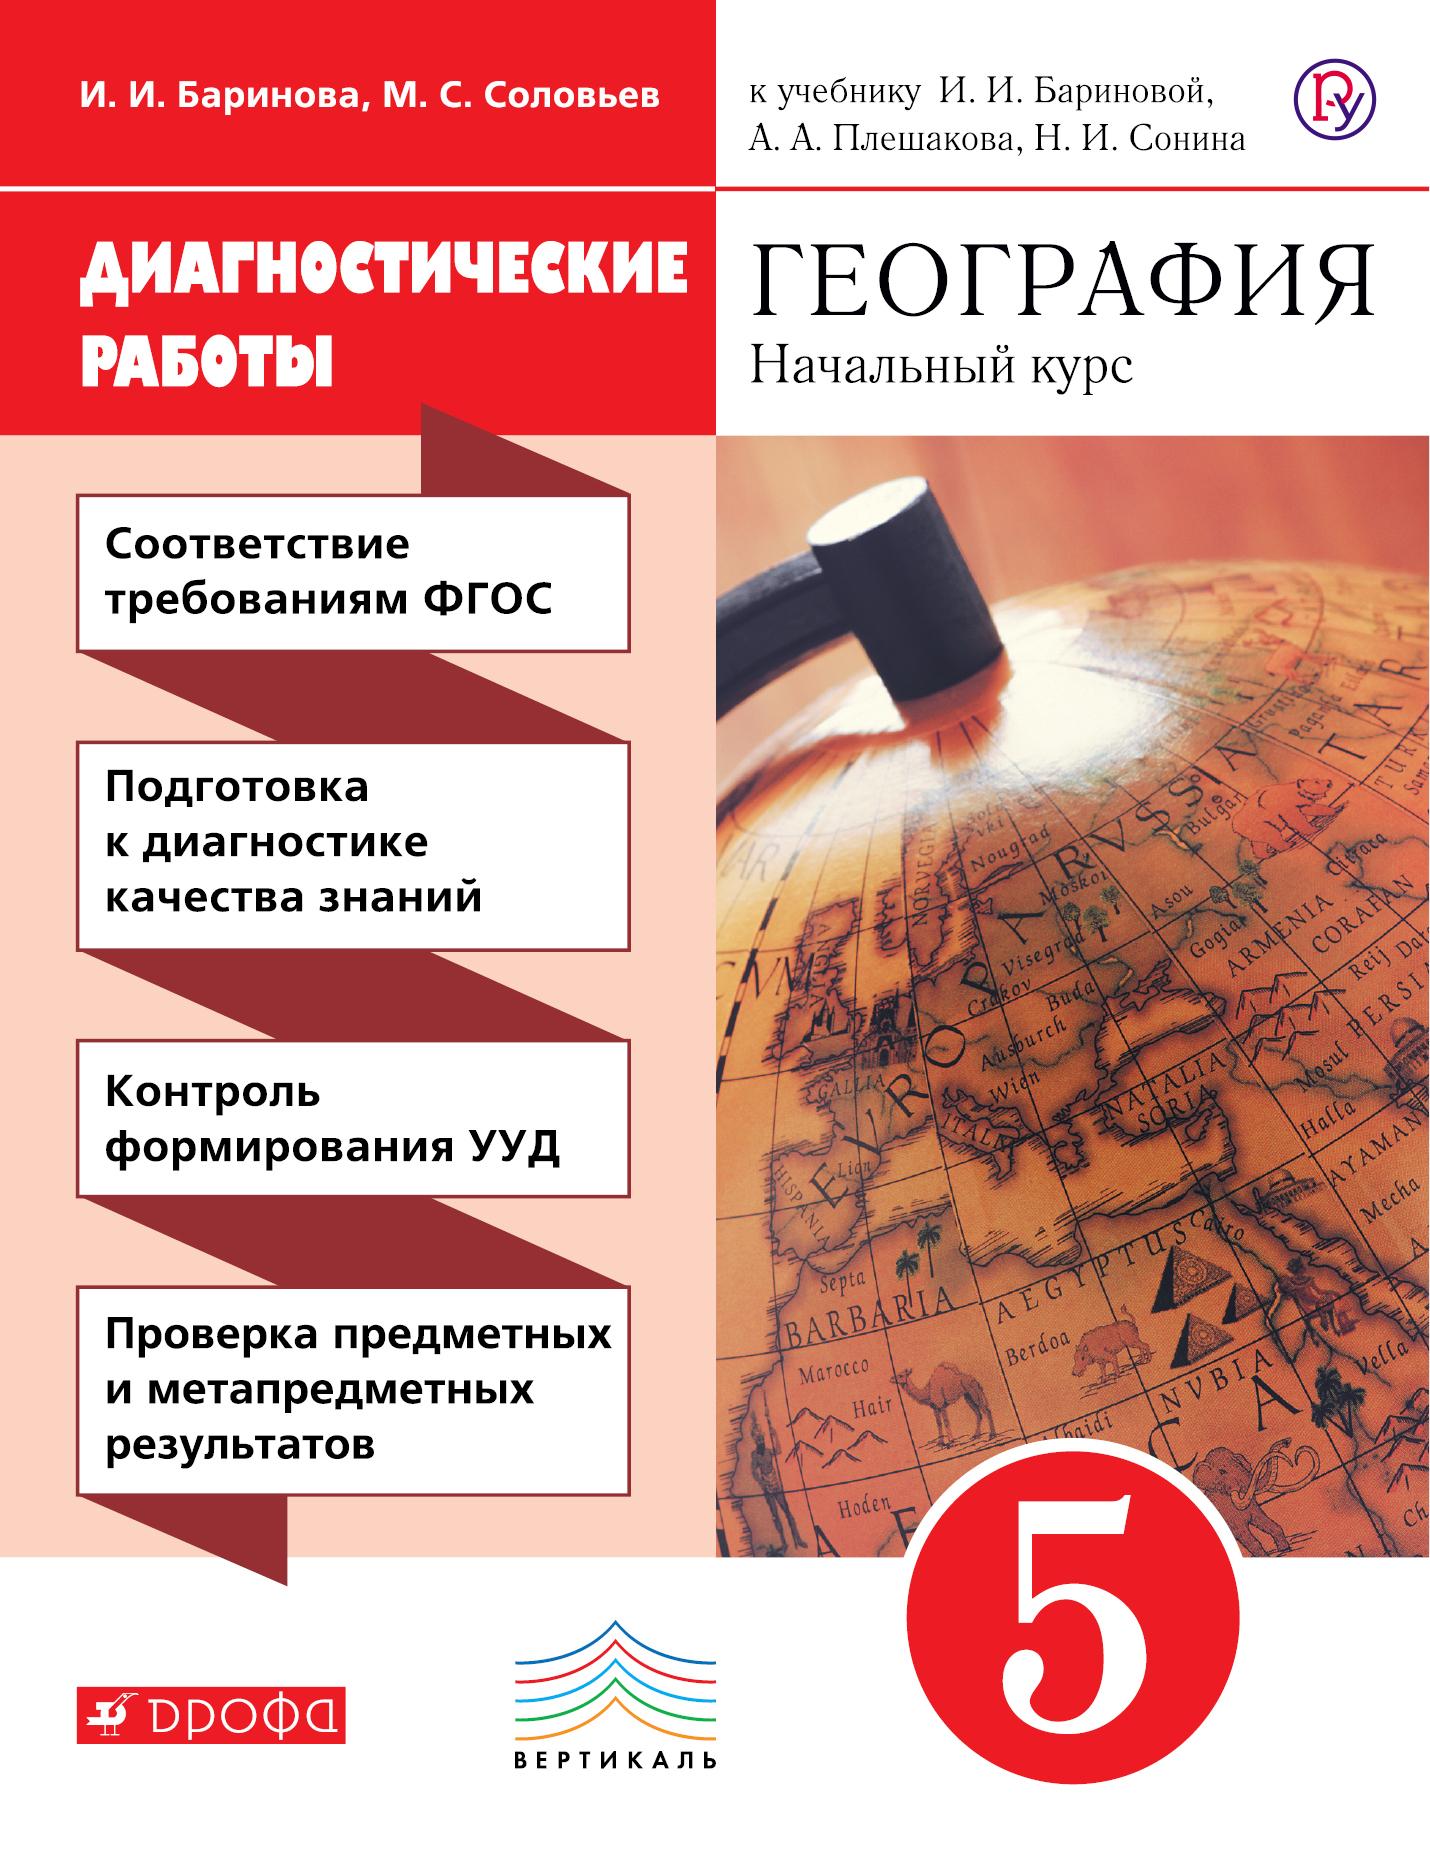 Календарно-тематическое планирование по географии баринов 5 класс фгос